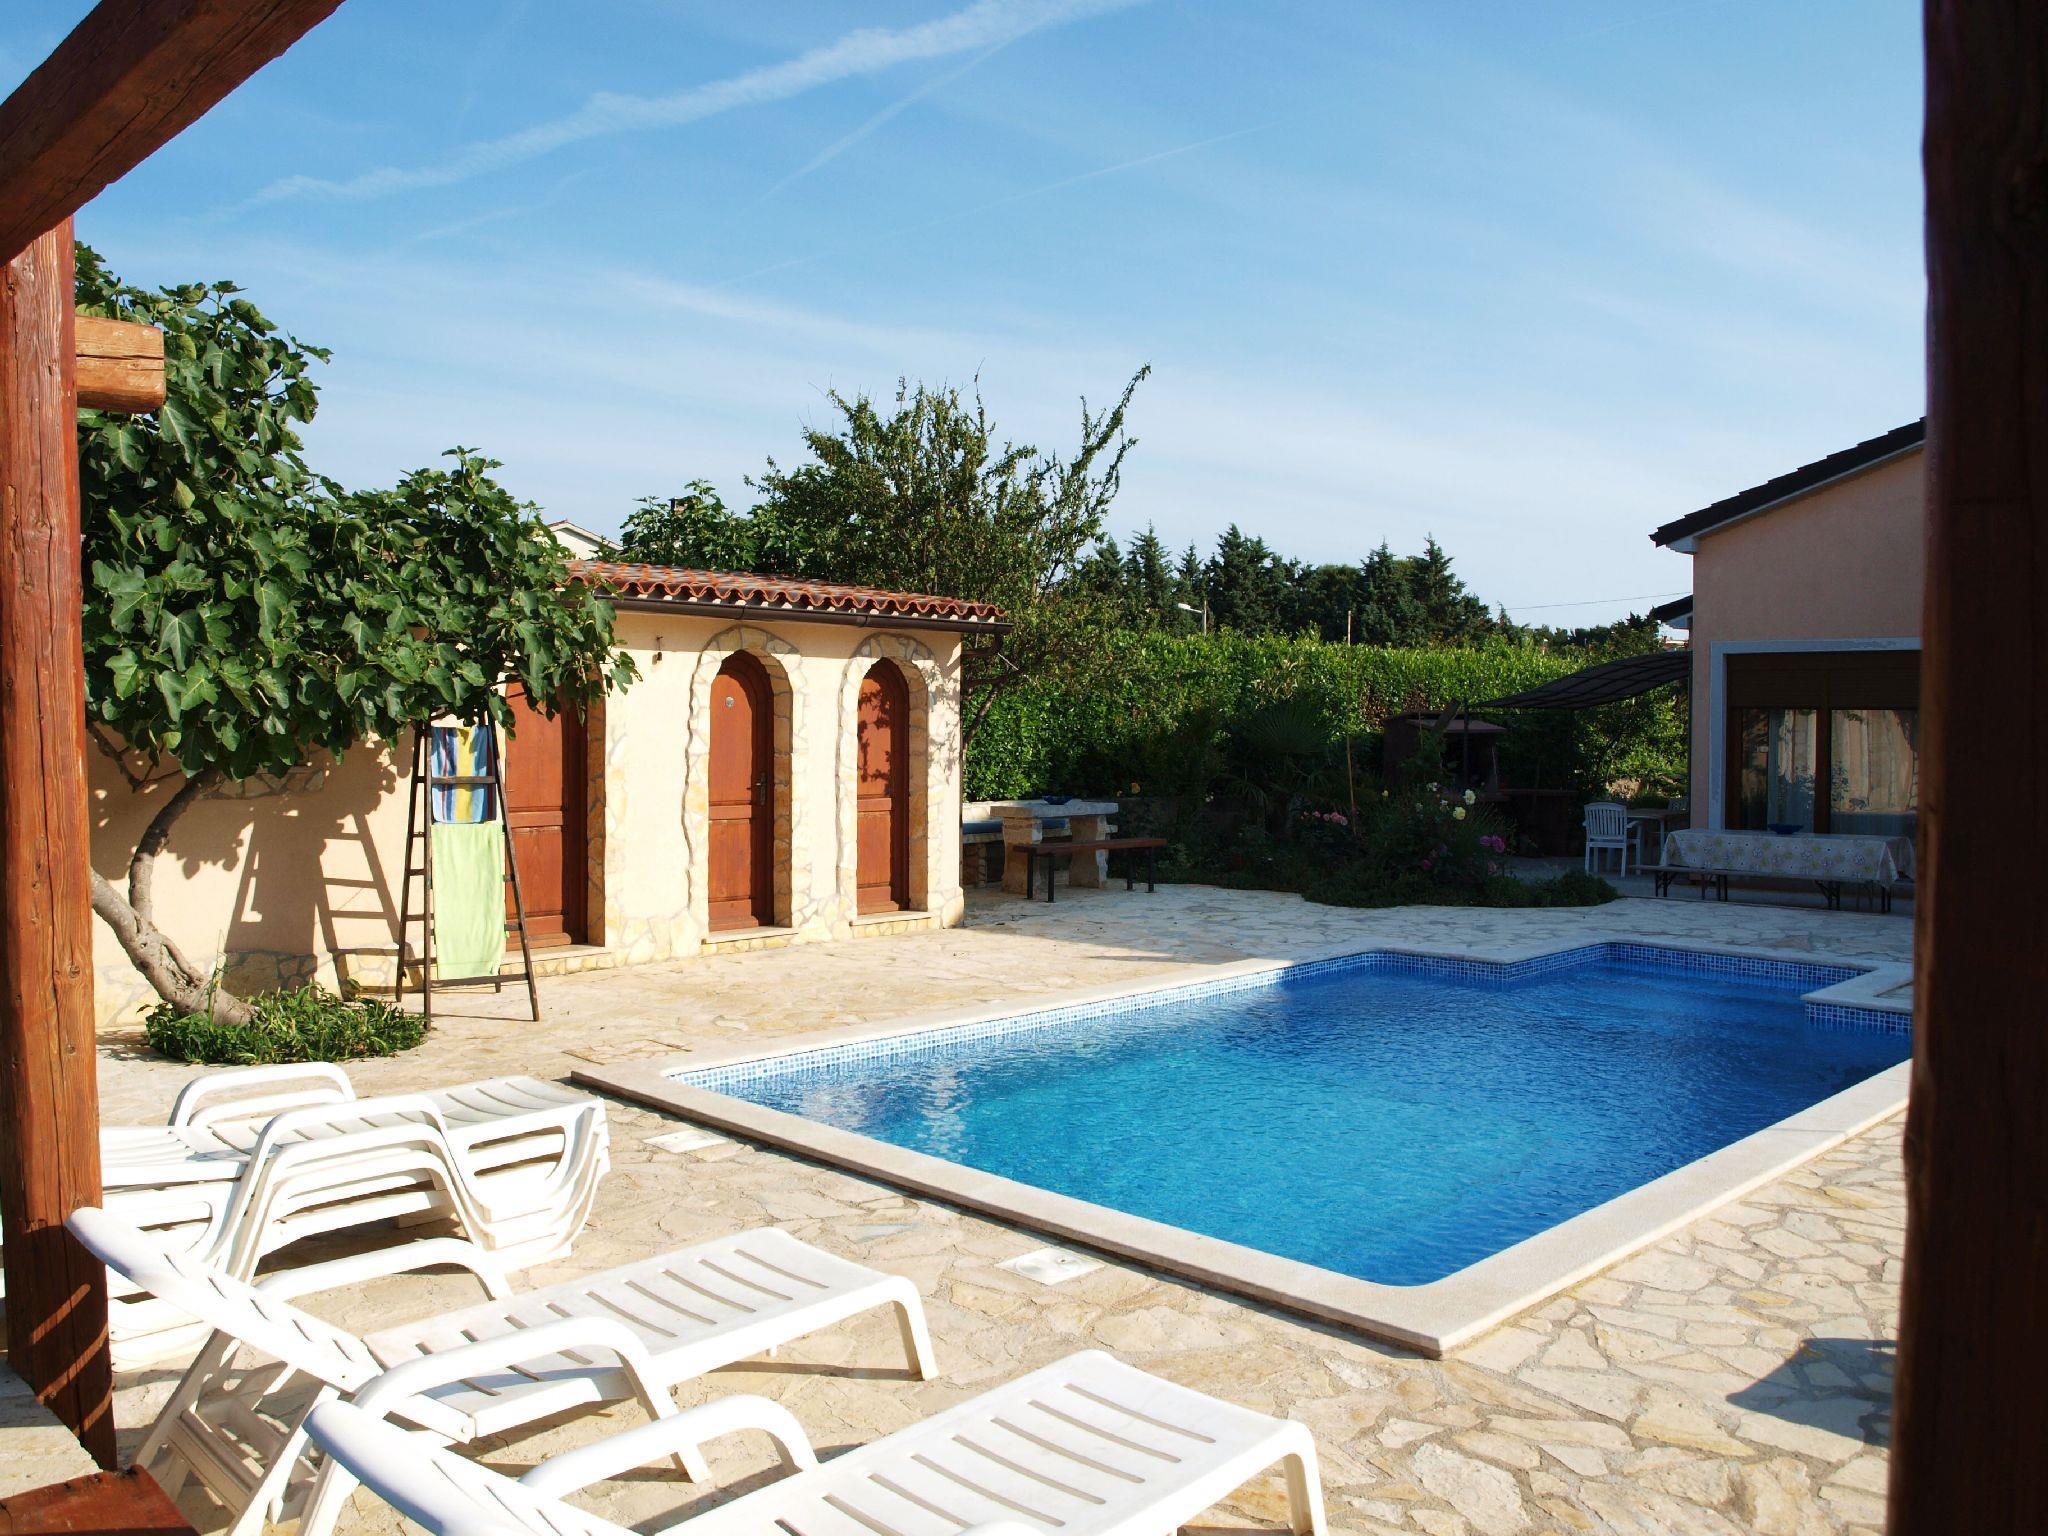 Ferienwohnung Apartments Maya / Two bedroom Apartment White A1 (1740092), Medulin, , Istrien, Kroatien, Bild 9